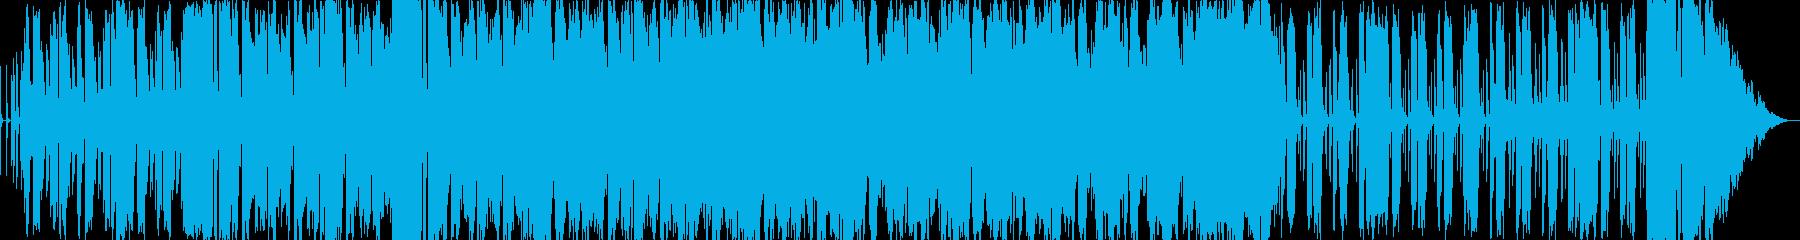 ブラスとフルートの明るくリズミカルな曲の再生済みの波形